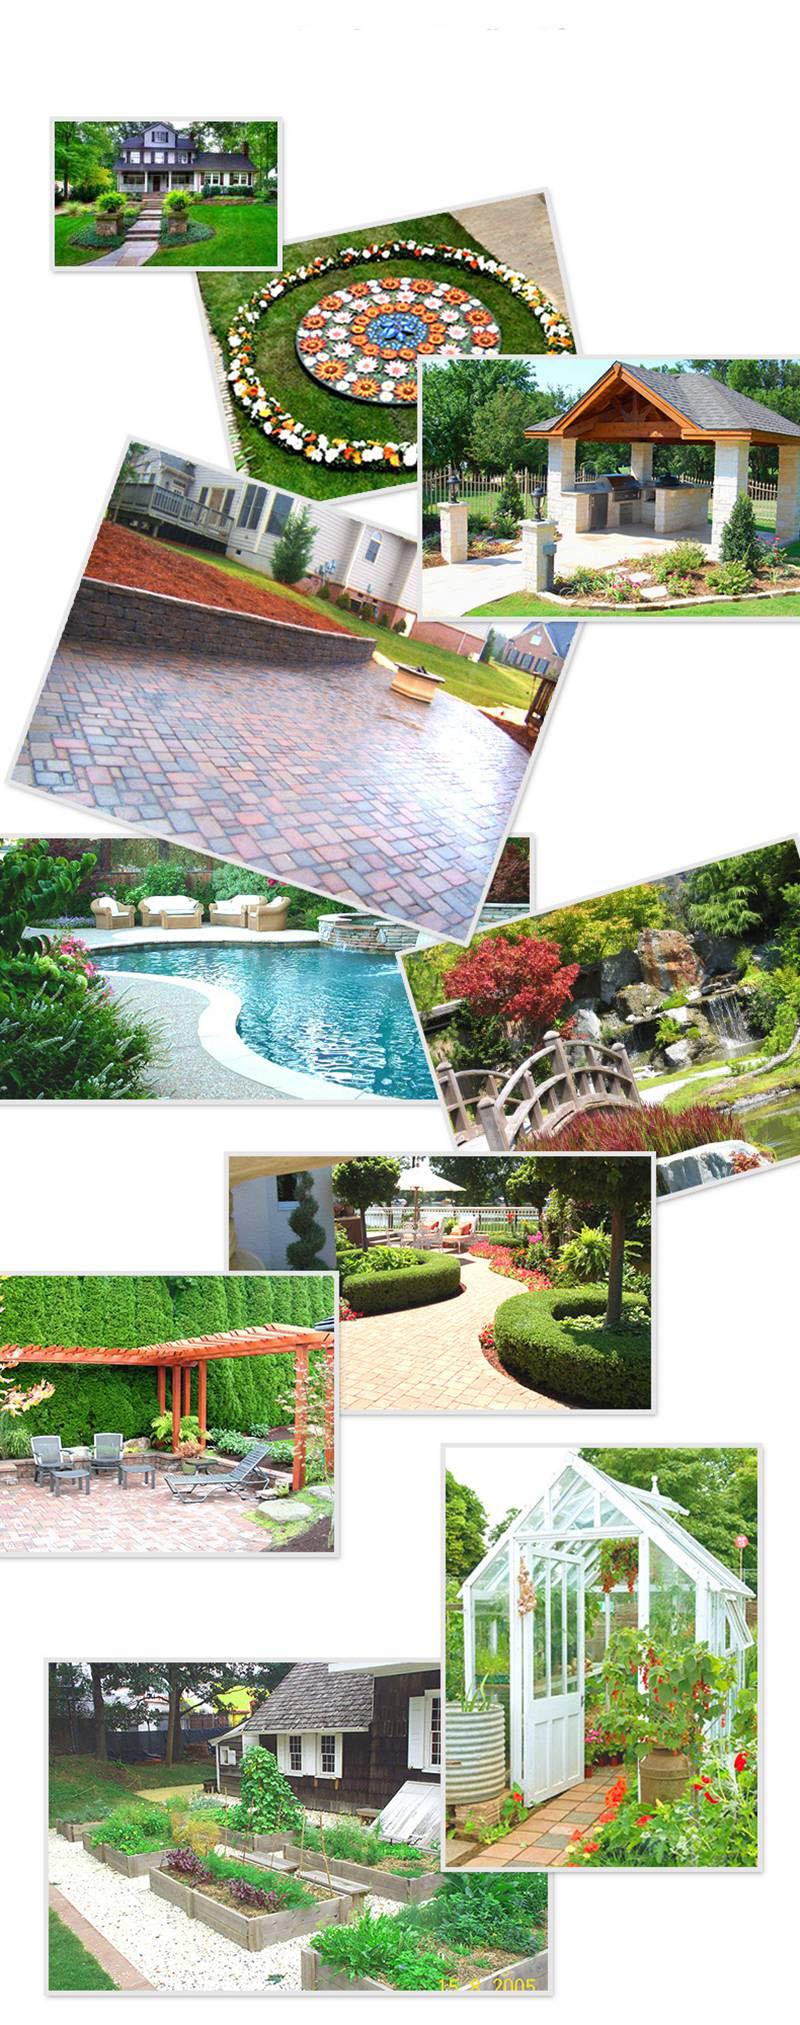 Khuôn làm gạch sân vườn tạo nên công trình đẹp